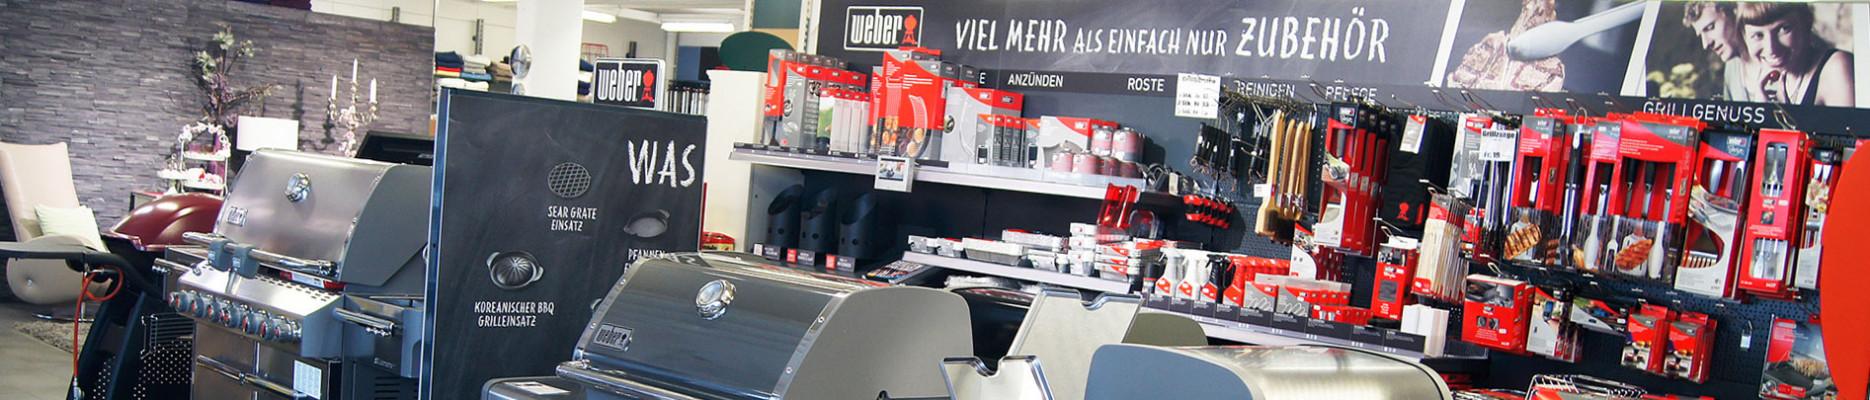 Weber Grills bei Vanoli